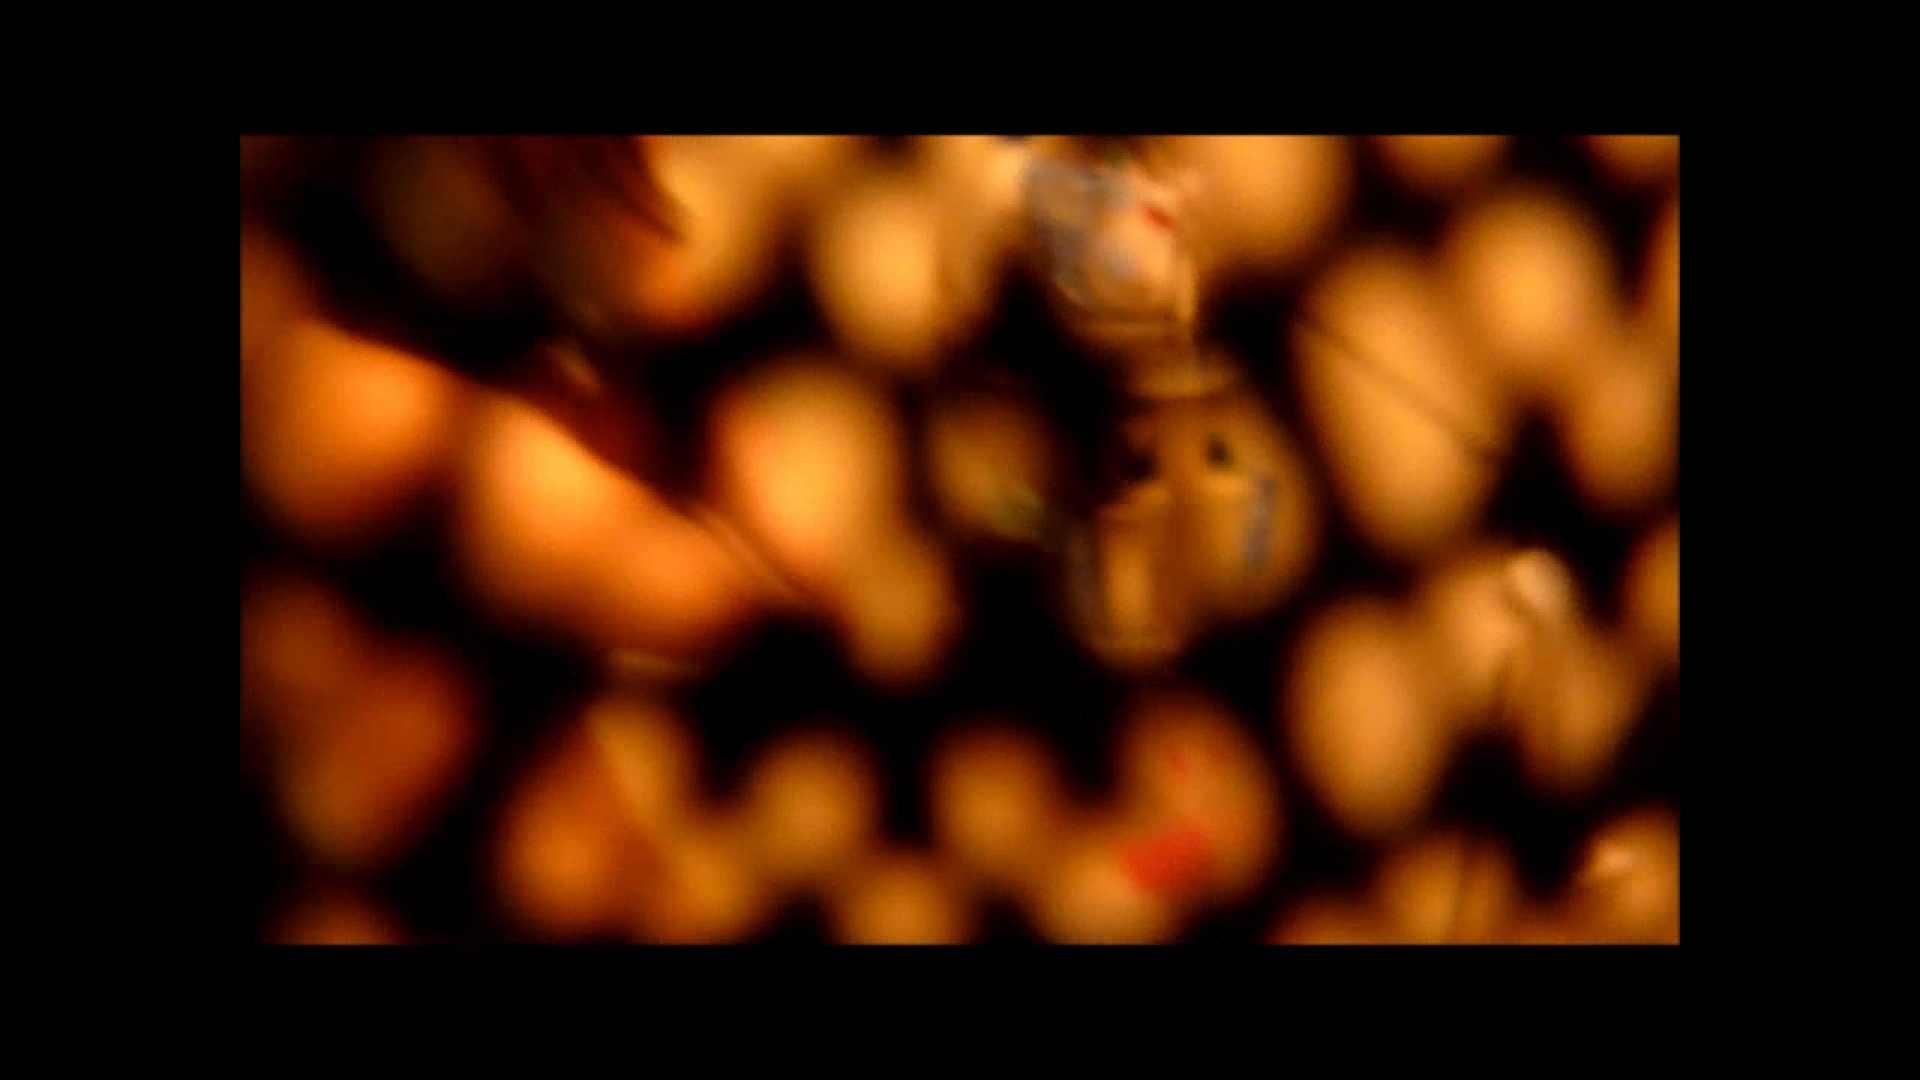 【02】ベランダに侵入して張り込みを始めて・・・やっと結果が出ました。 マンコ特集 | オマンコ丸見え  25連発 4